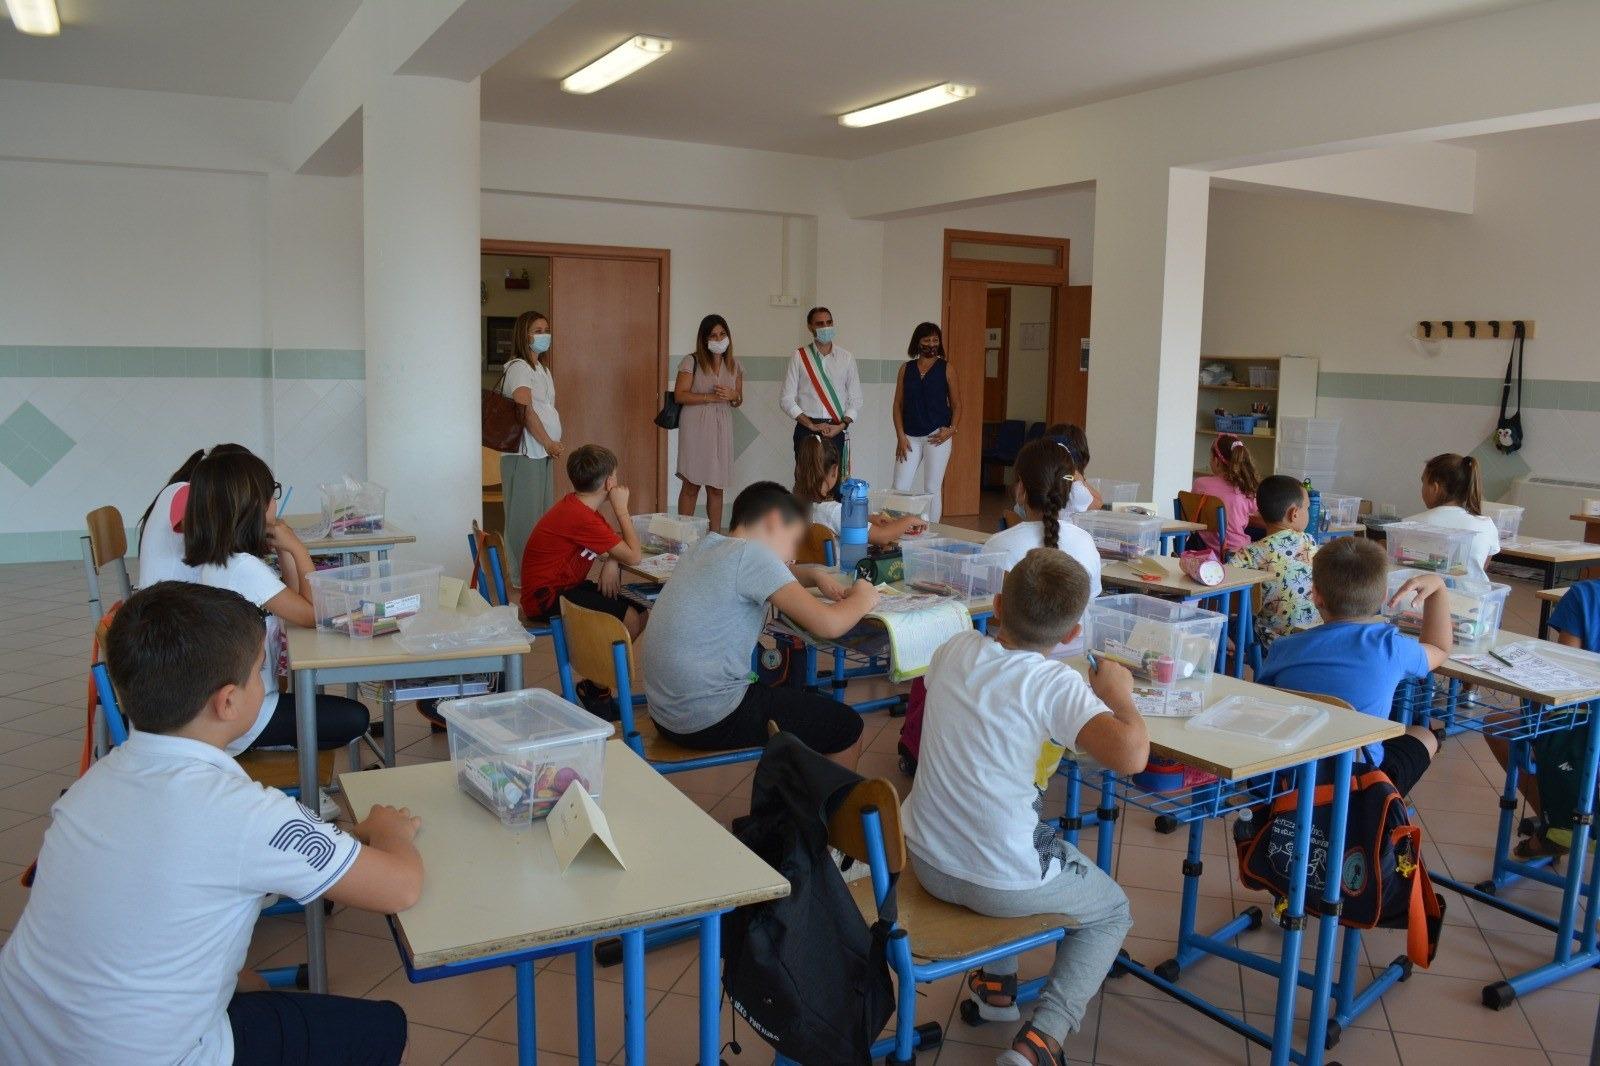 Pomezia, in arrivo 200.000 euro dal Miur per la riqualificazione delle scuole